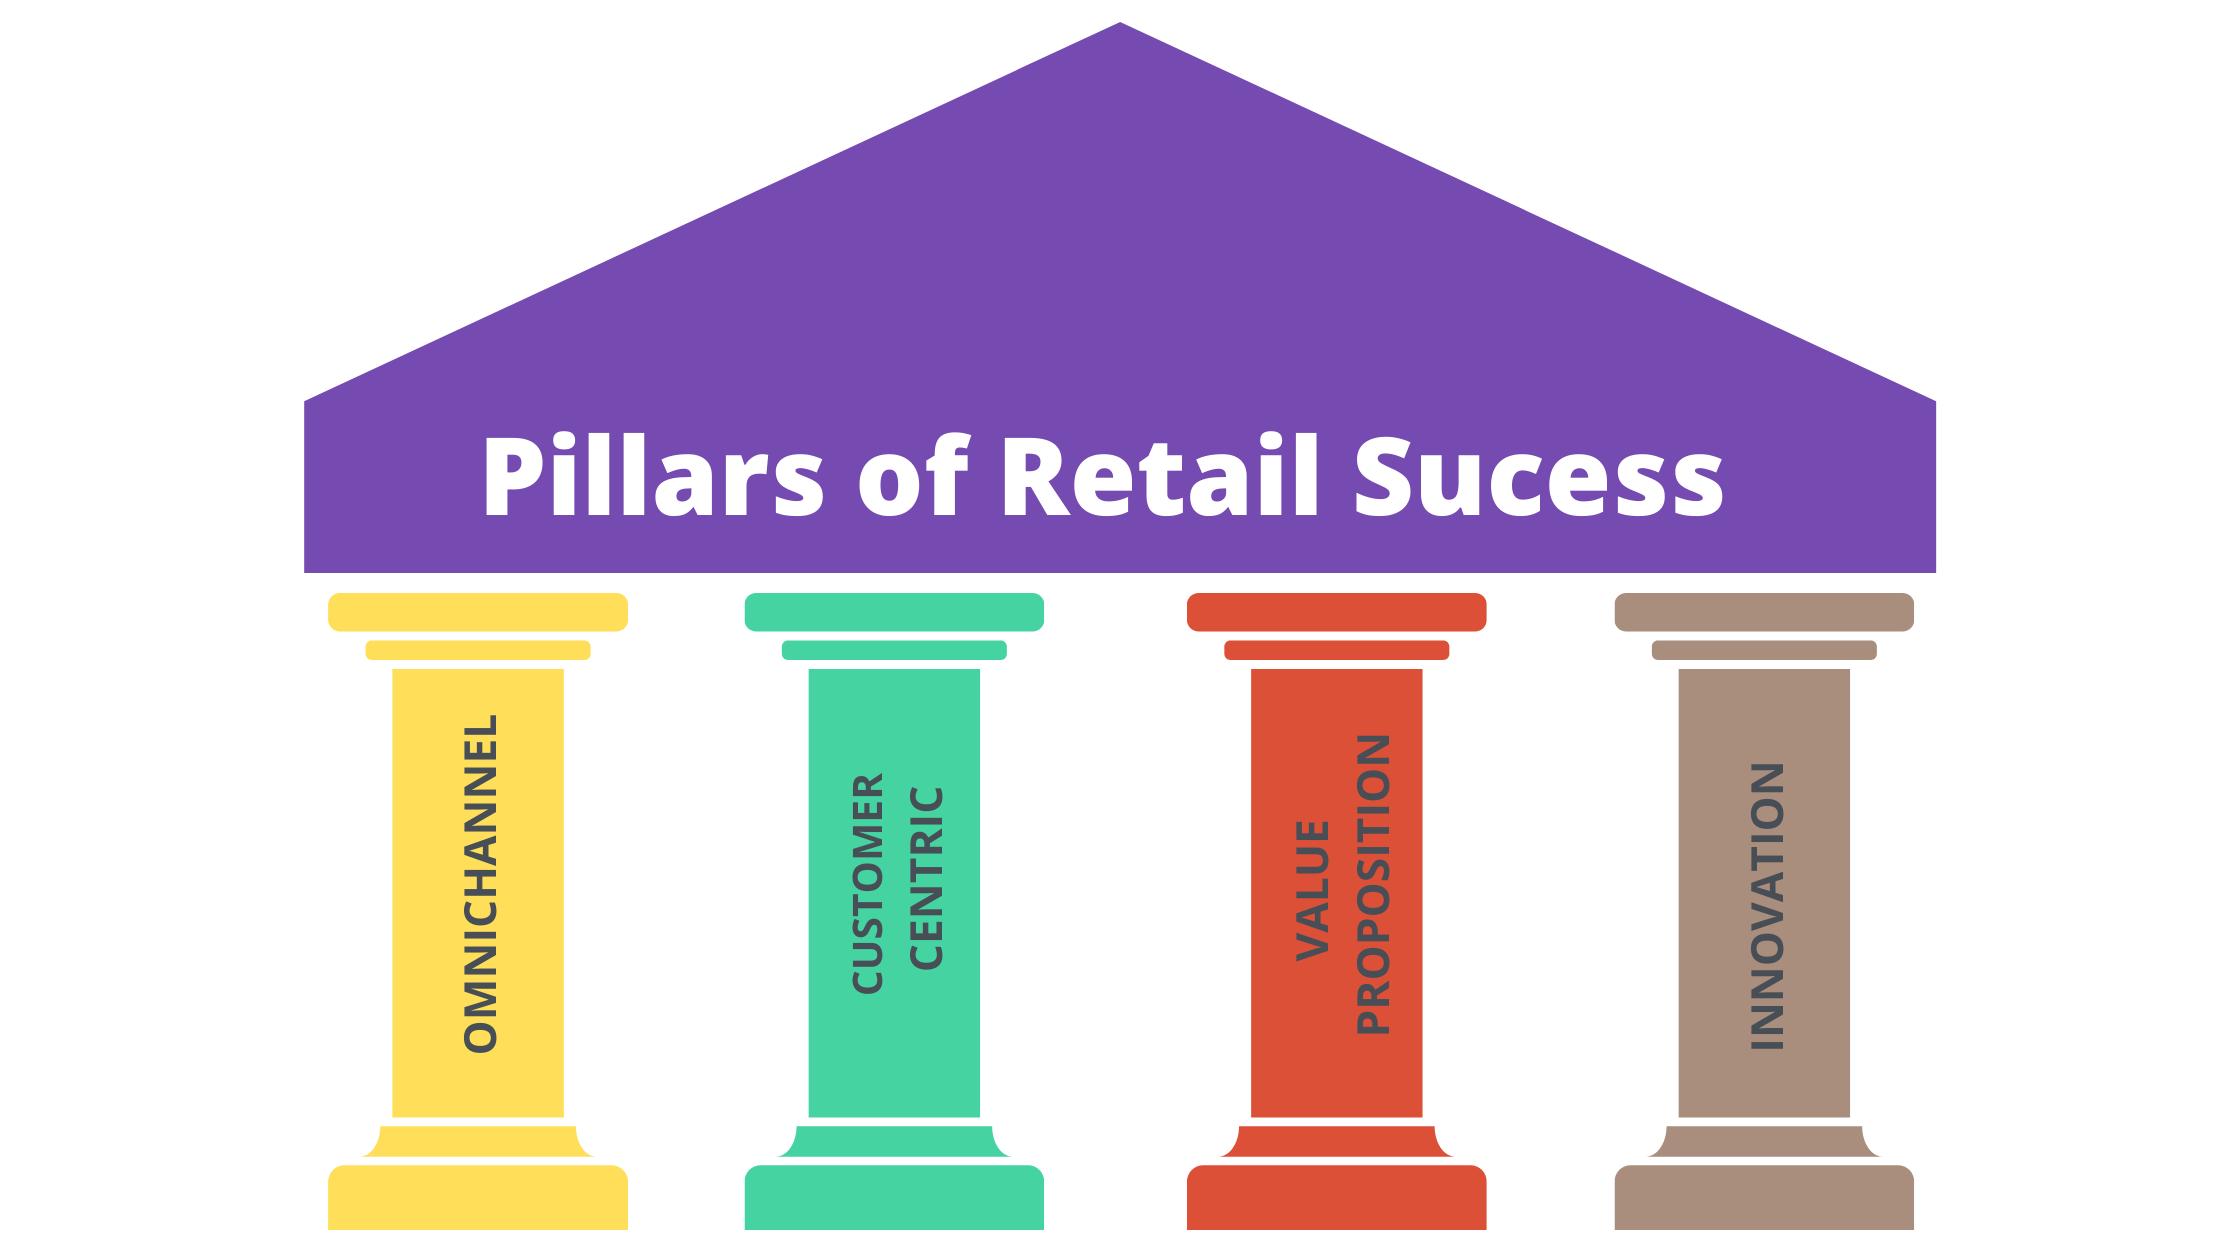 Pillars of Retail Success